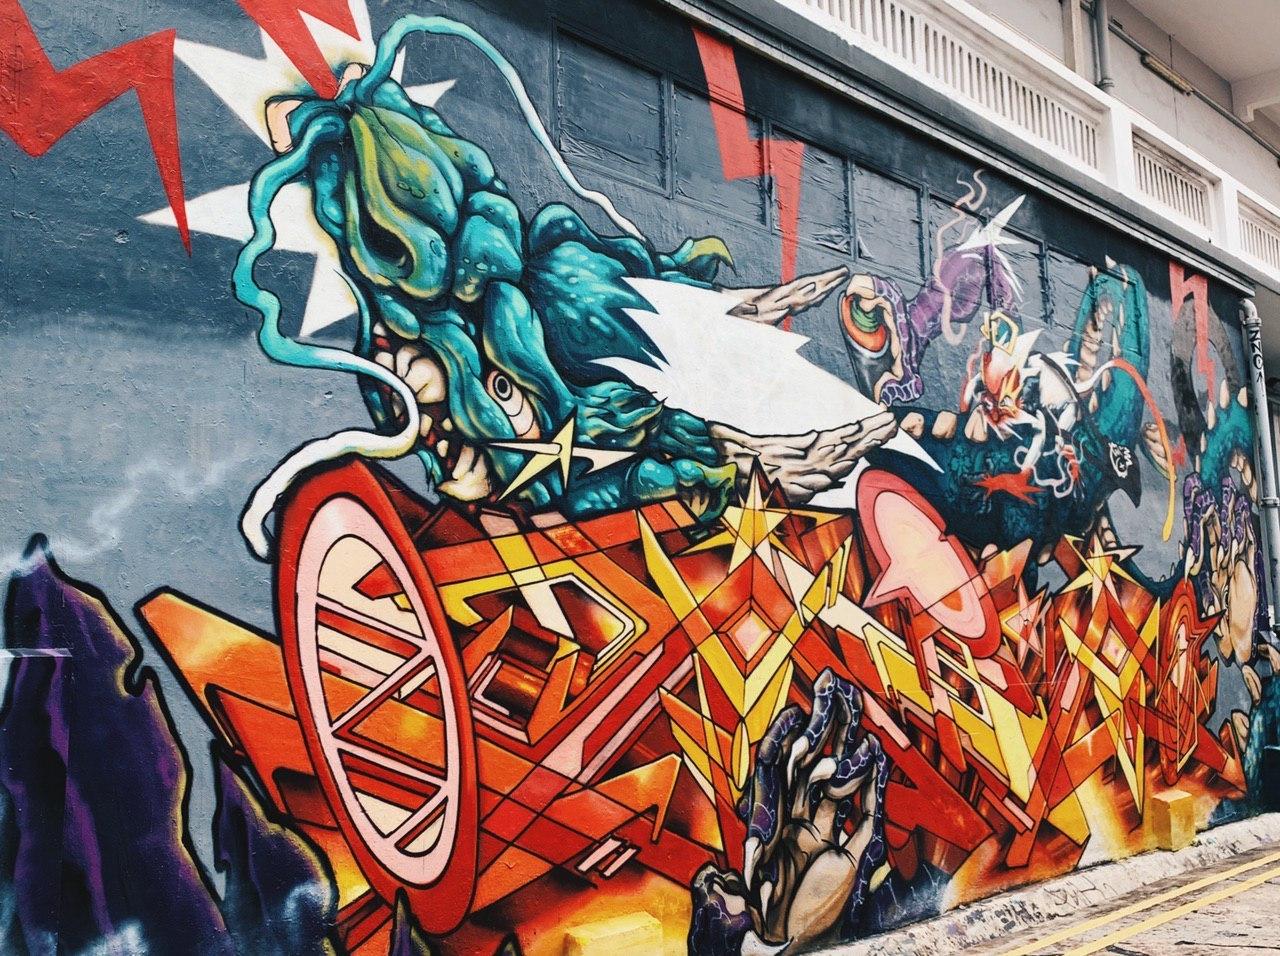 Antz mural